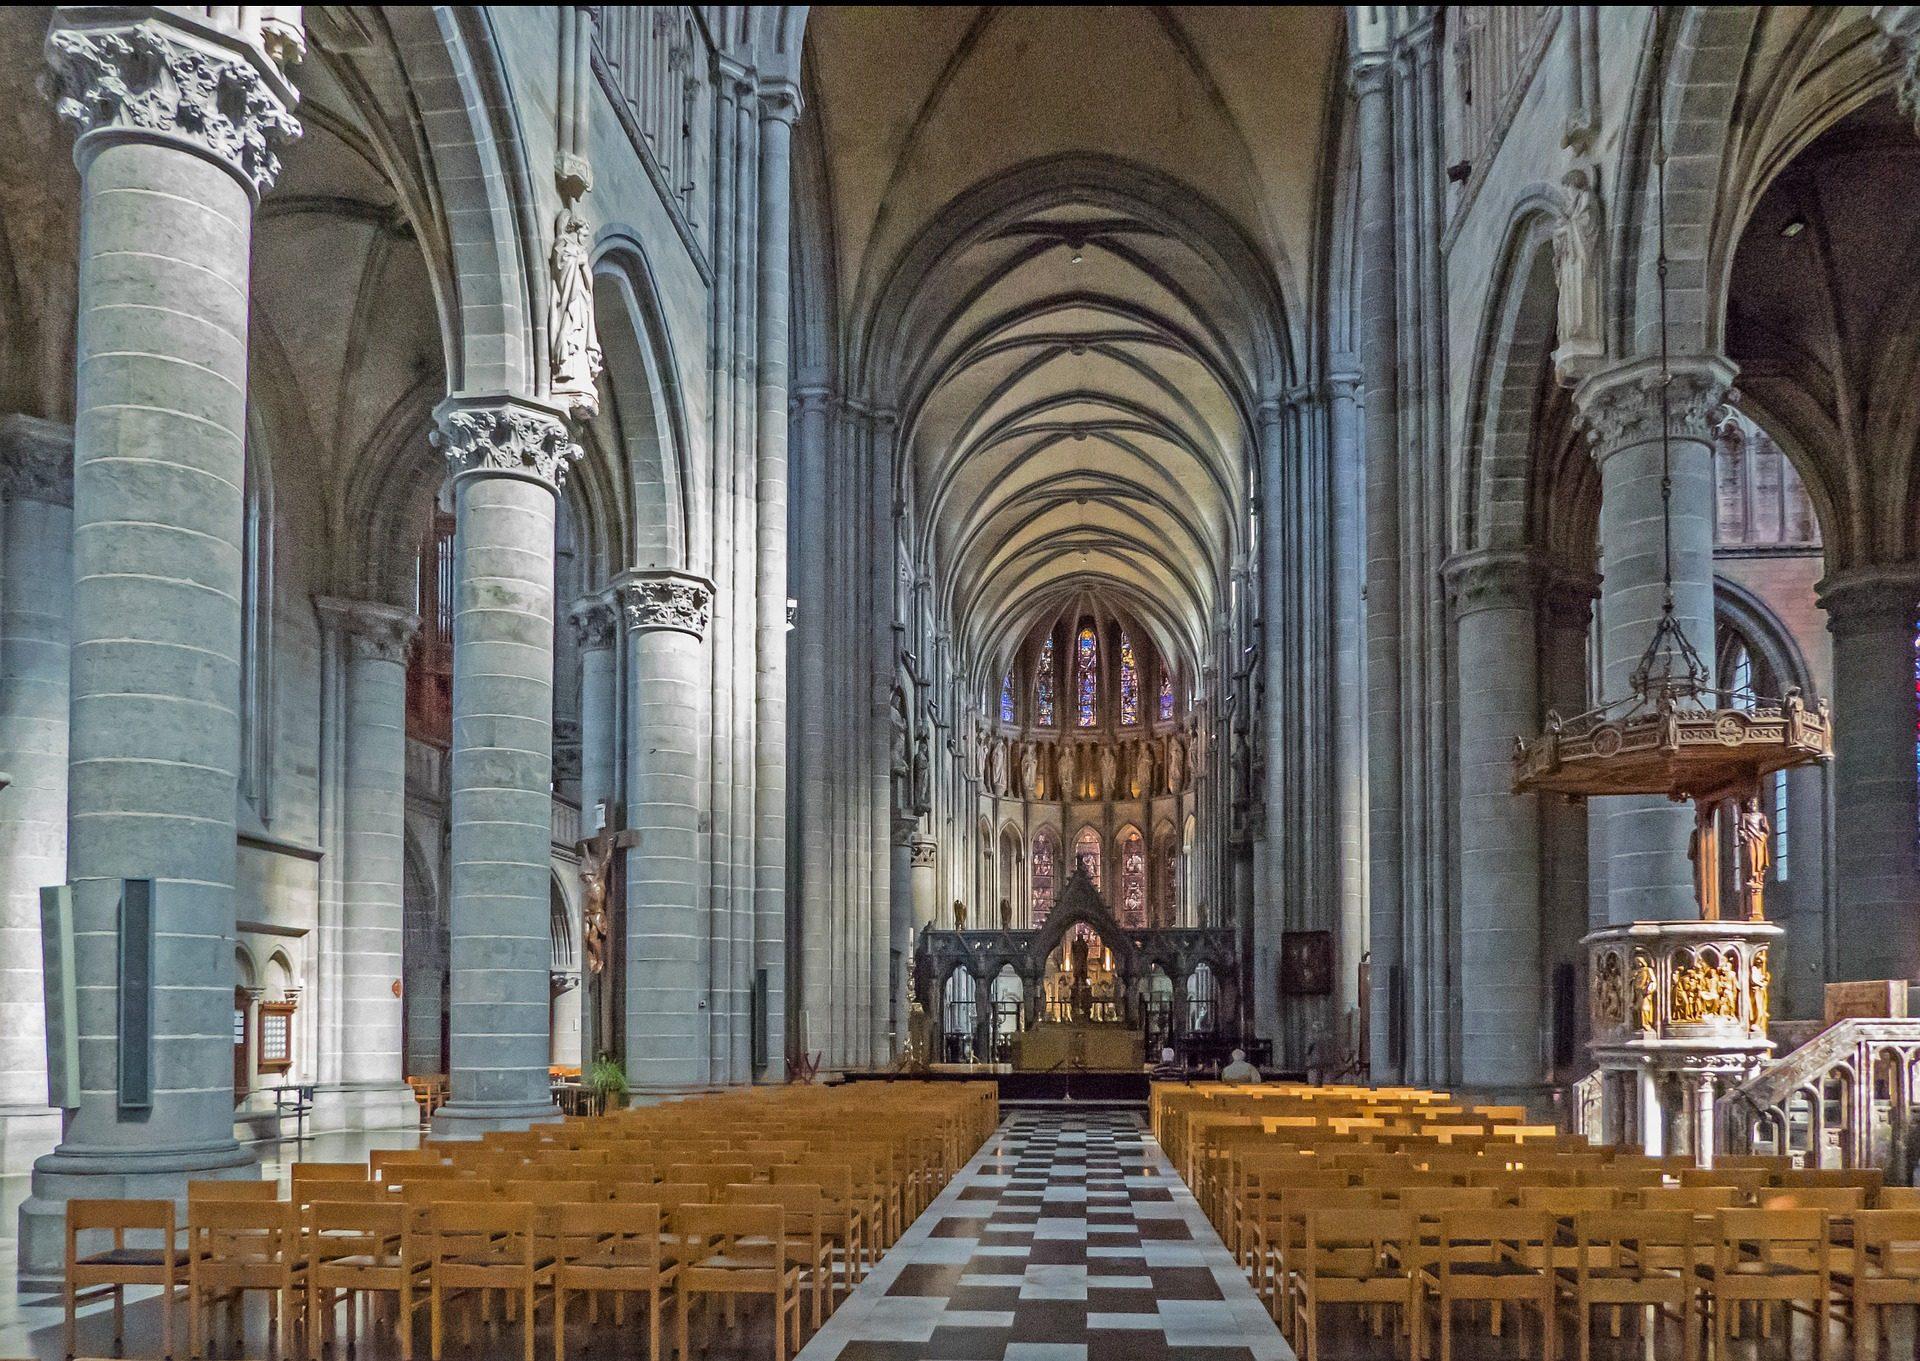 كاتدرائية, كنيسة, أركوس, السقائف, الدين - خلفيات عالية الدقة - أستاذ falken.com